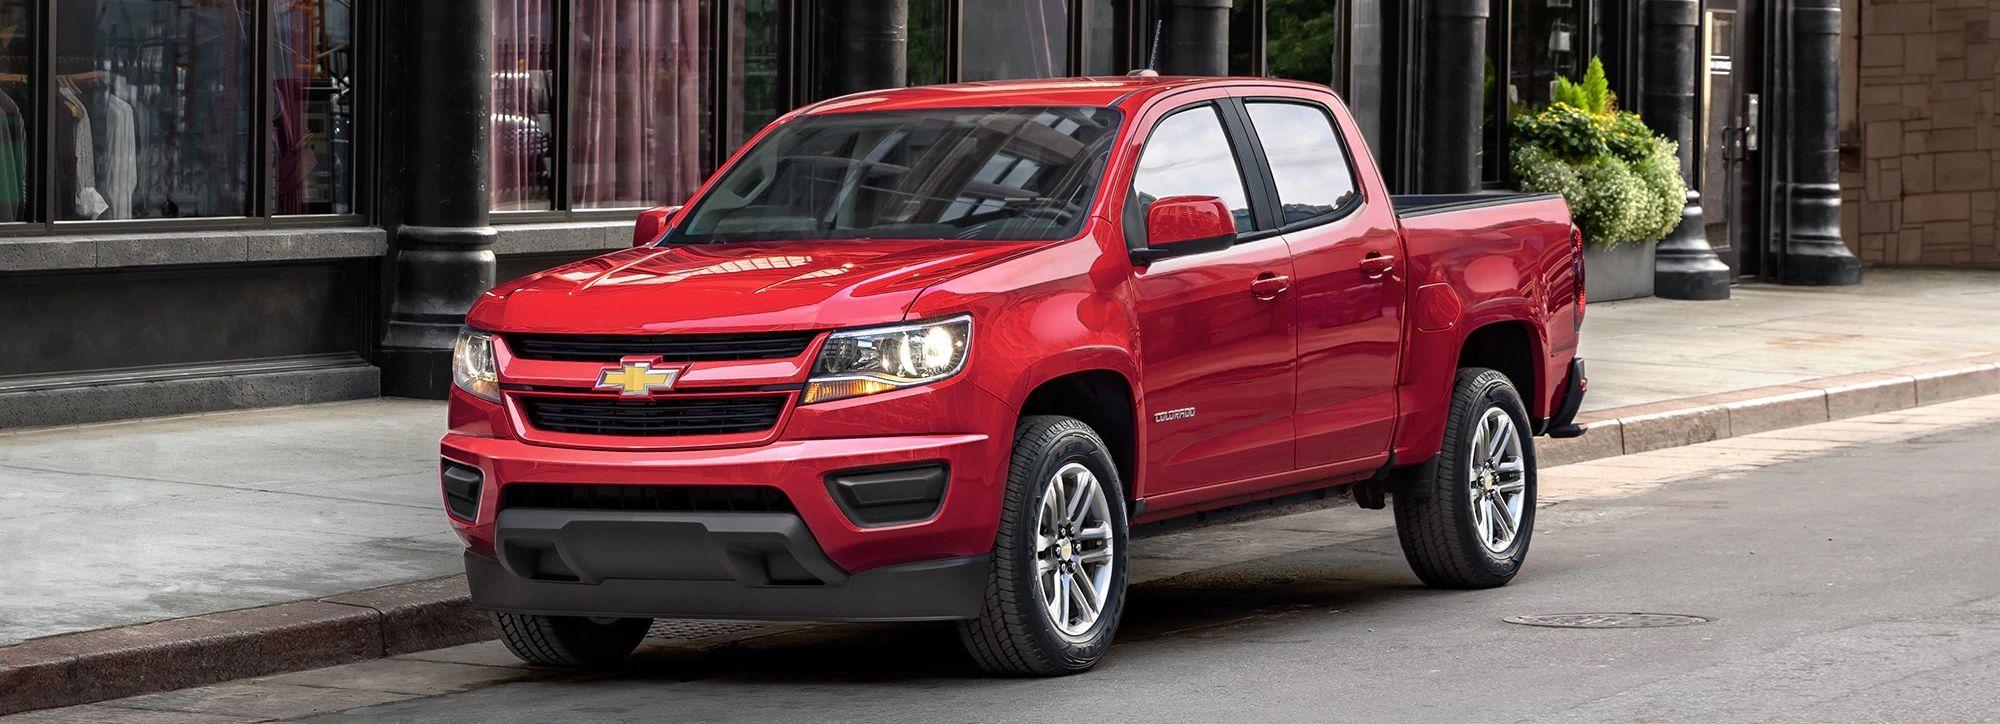 Chevrolet Colorado 2019 a la venta cerca de North County, CA